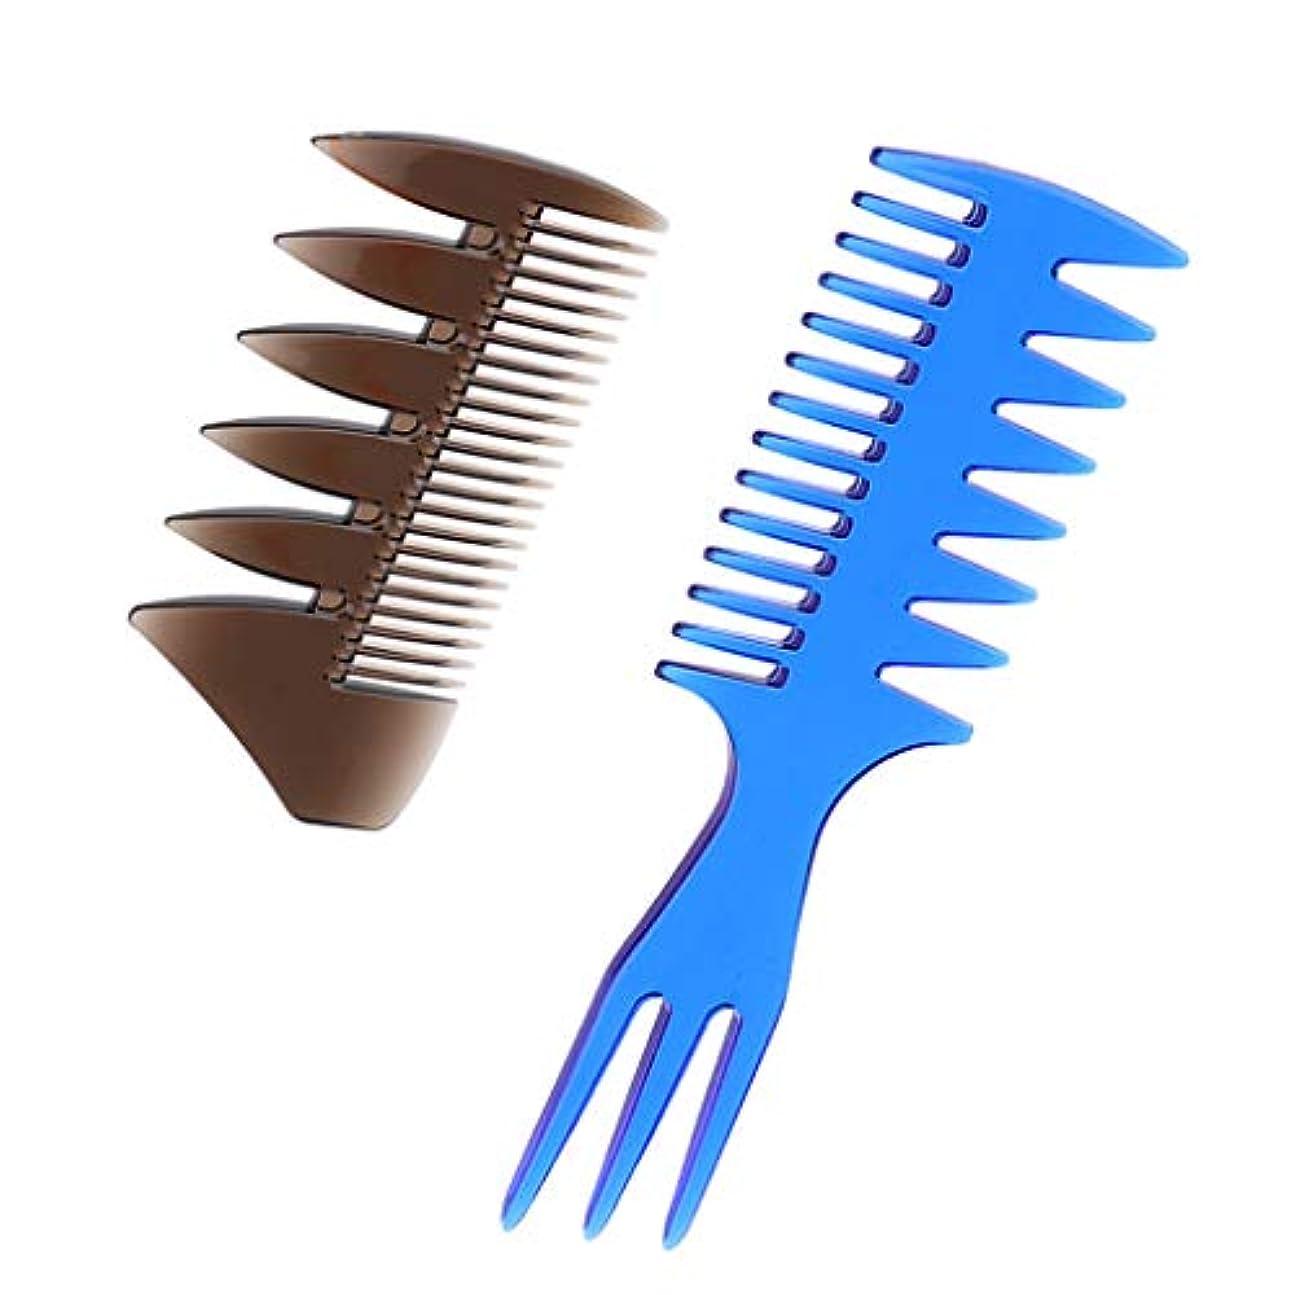 消費利益オフセットB Baosity 2本 広い歯櫛 コーム 3-in-1櫛 2-in-1櫛 多目的 ヘアサロン 美容師